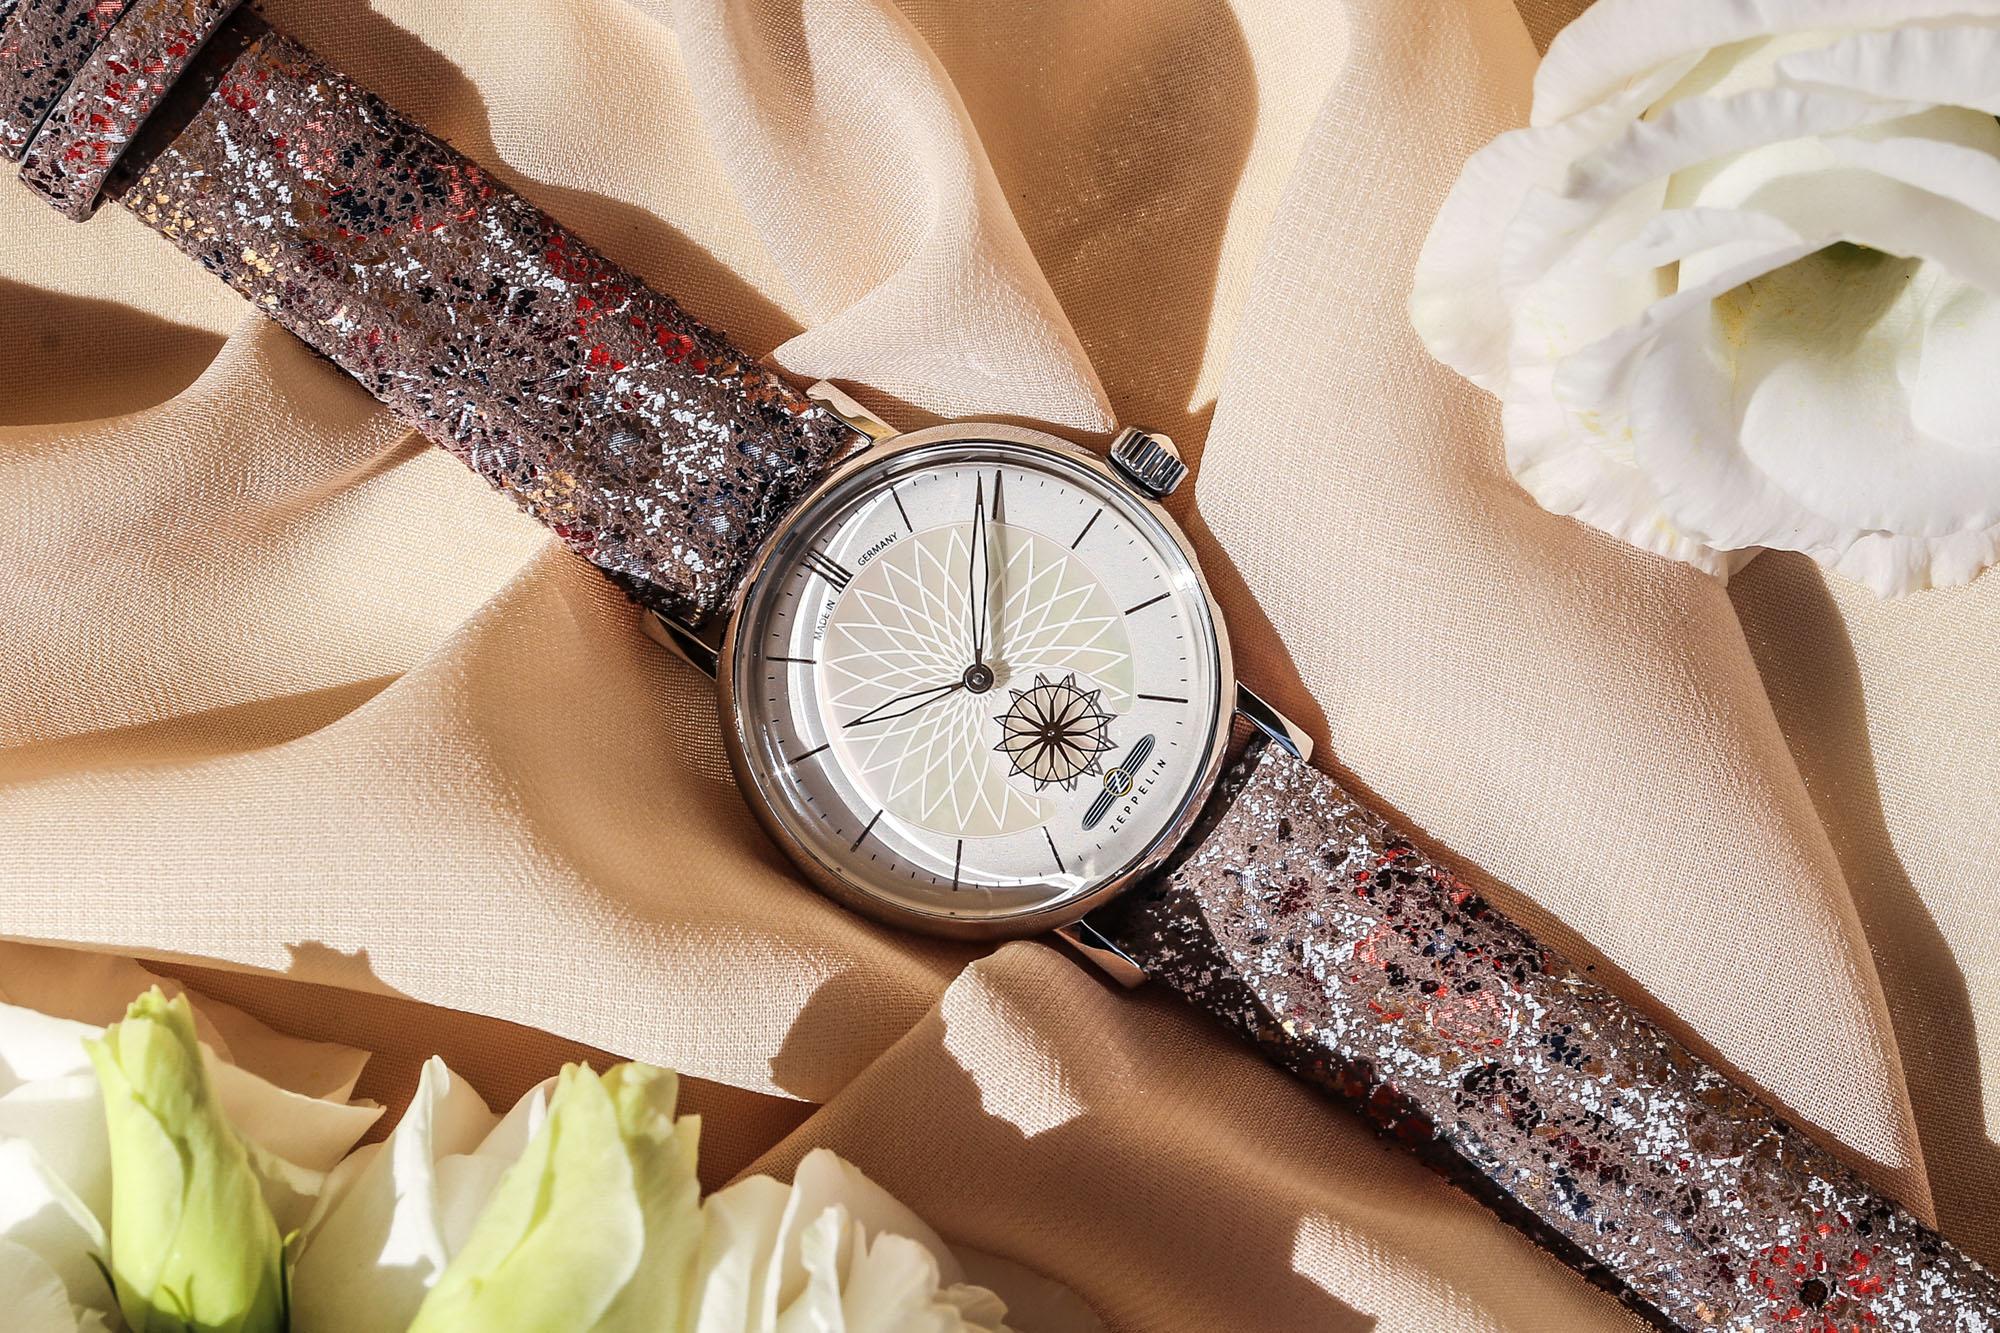 Edle Armbanduhr als Geschenkidee zum Muttertag